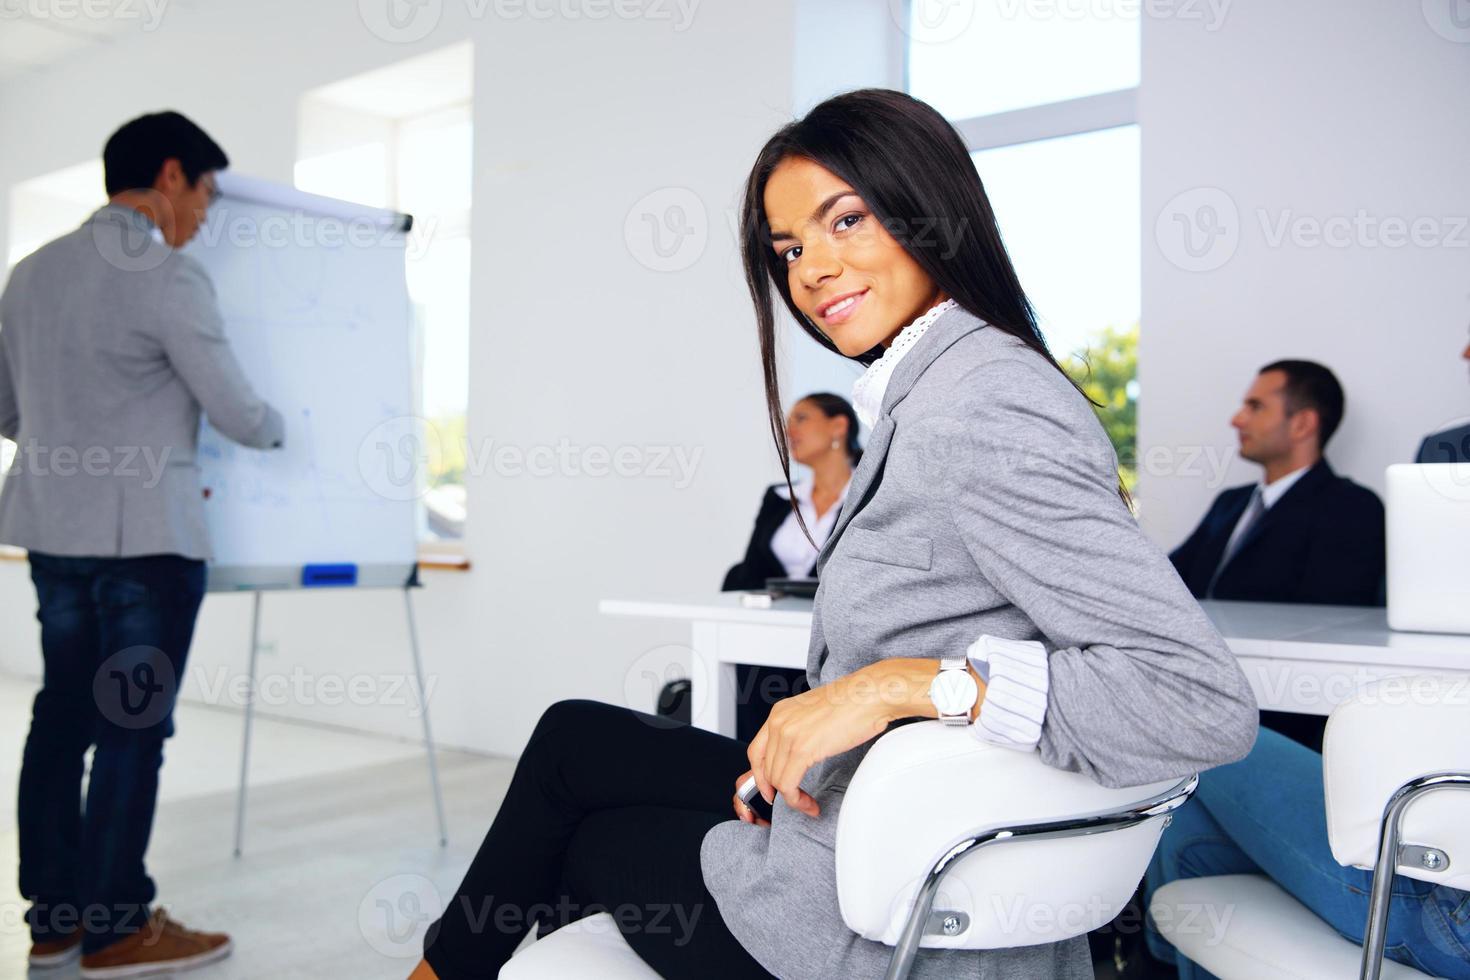 conferenza d'affari. incontro di lavoro. foto